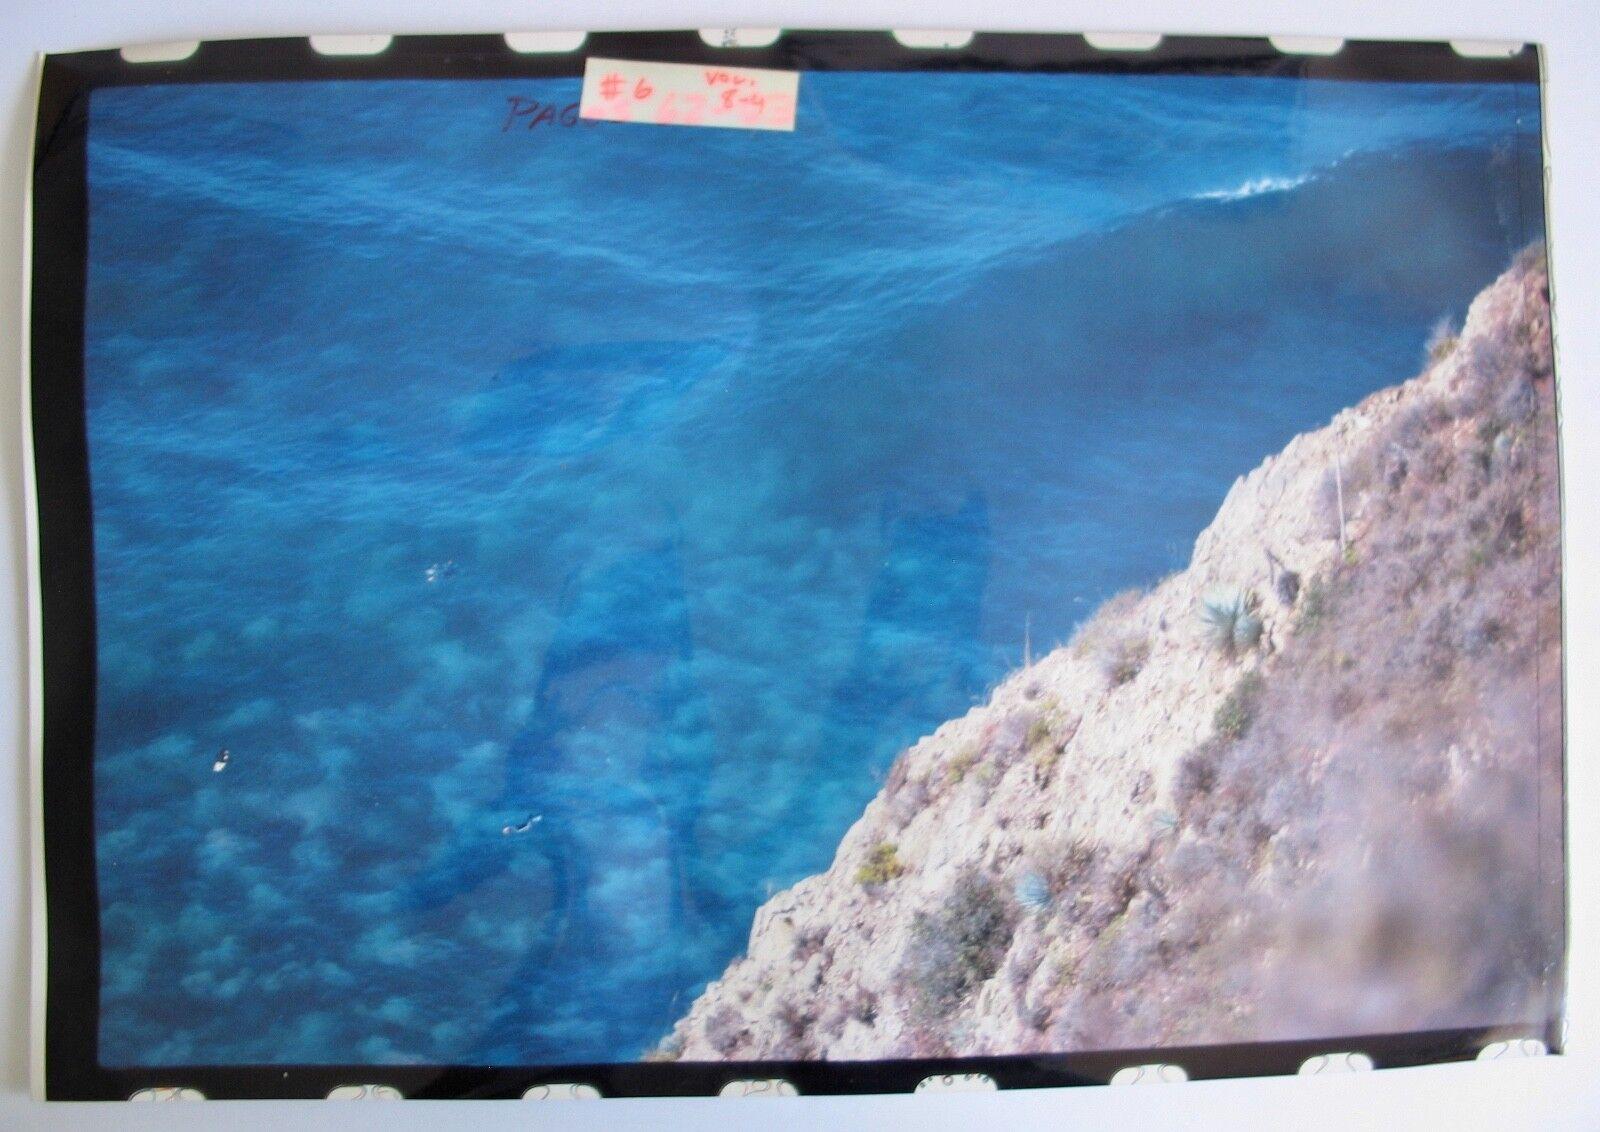 Vintage 1988 Original fotografía Breakout Surf Magazine Vol. 8 no 4 Tabla De Surf 14